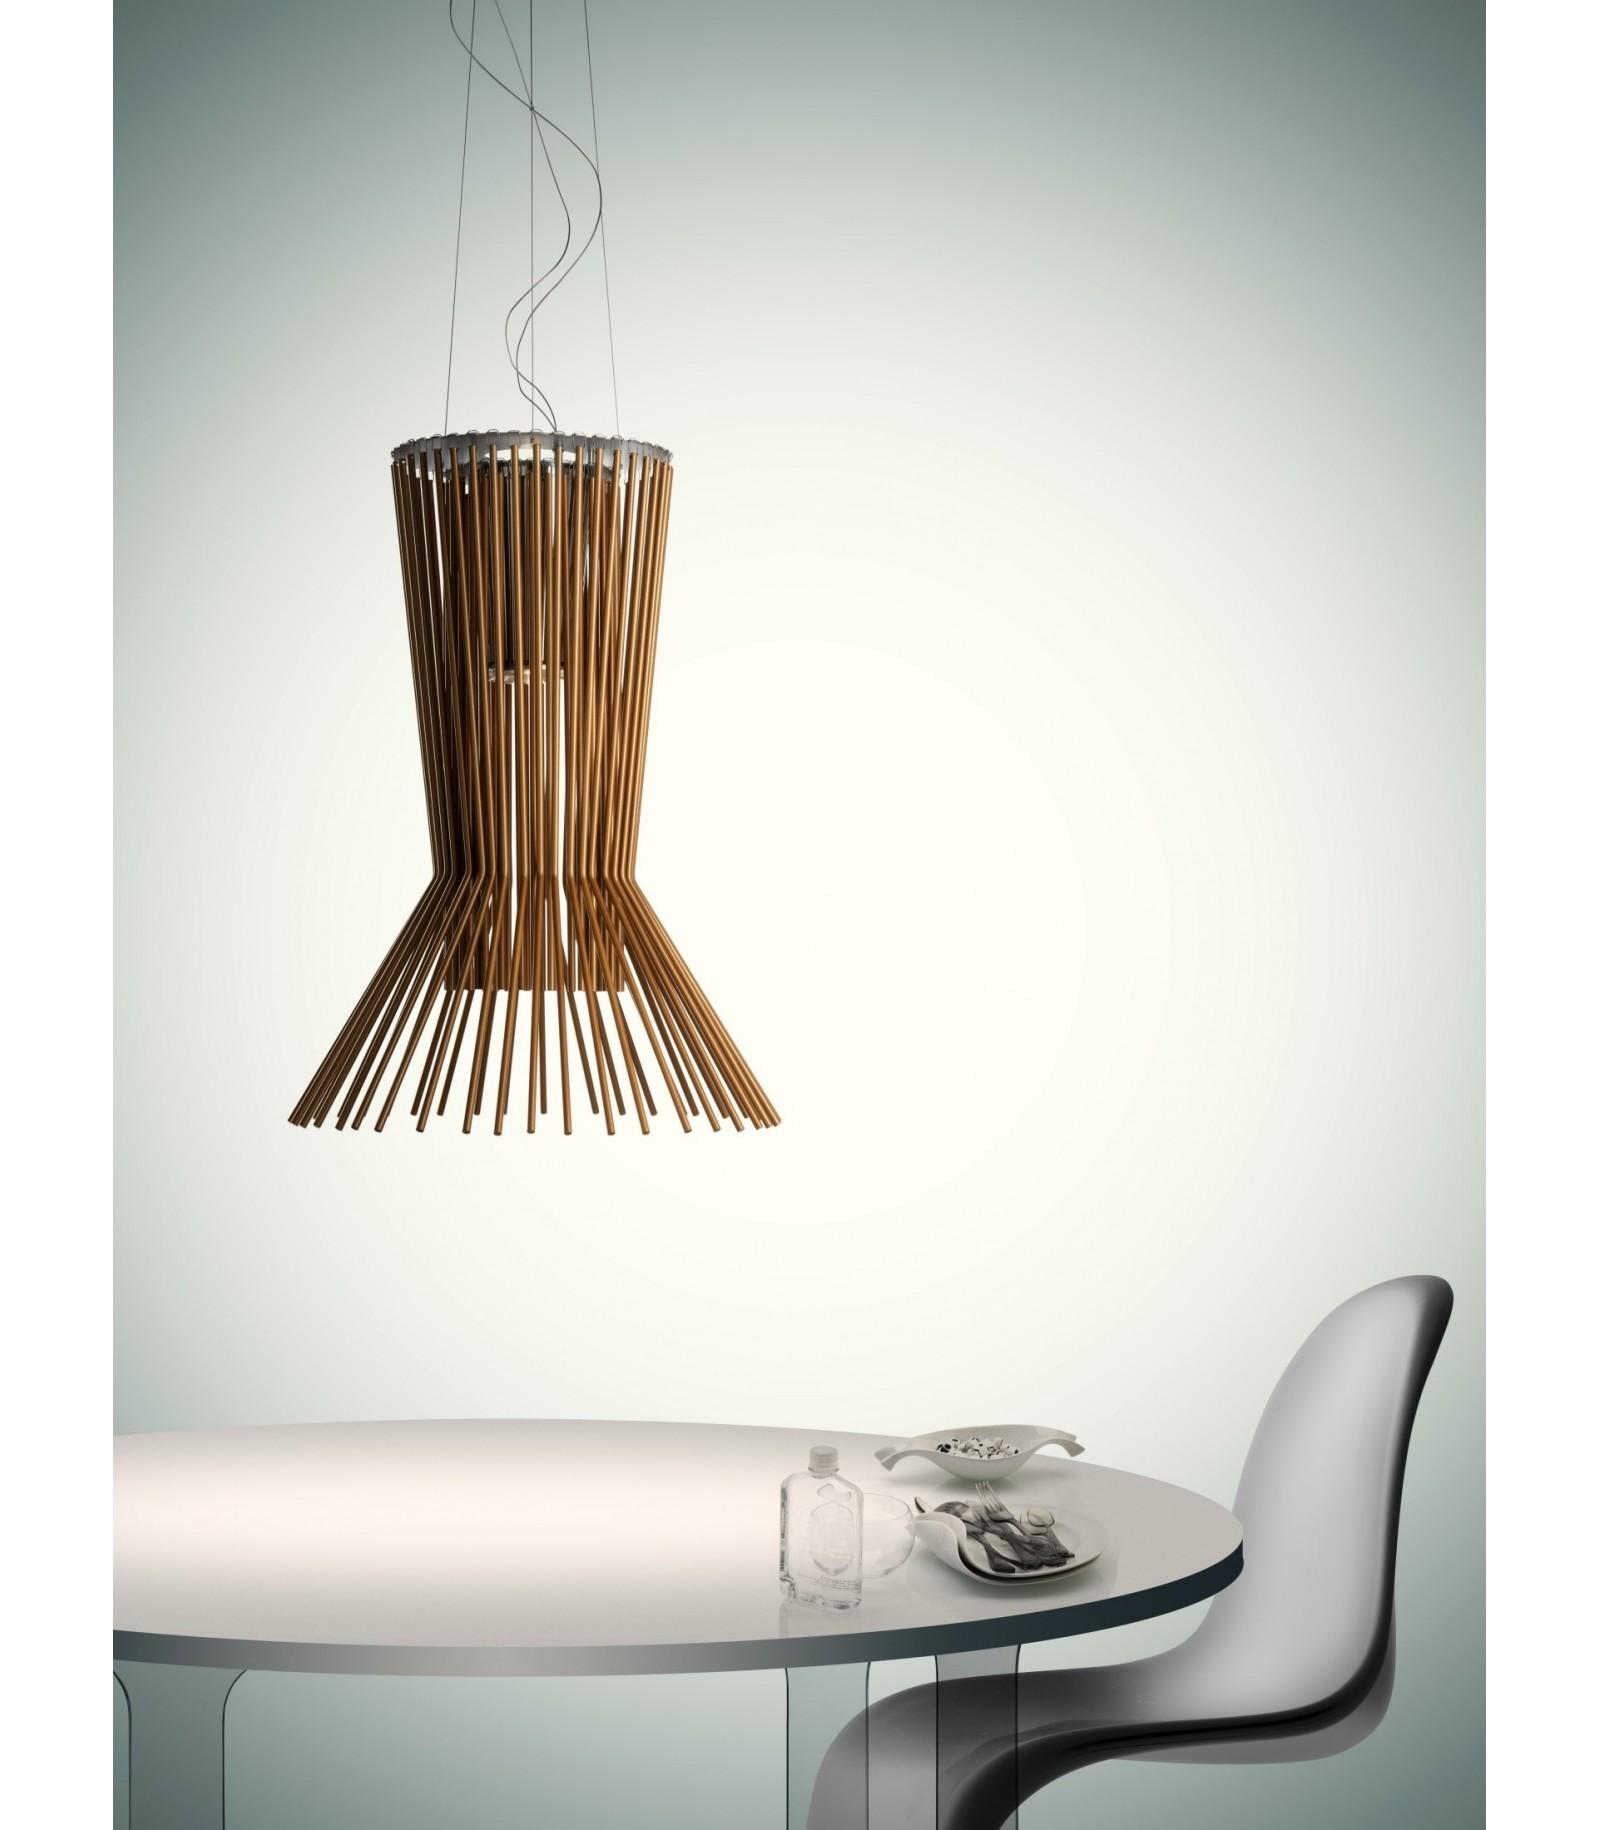 lampada foscarini allegretto sospensione. Black Bedroom Furniture Sets. Home Design Ideas